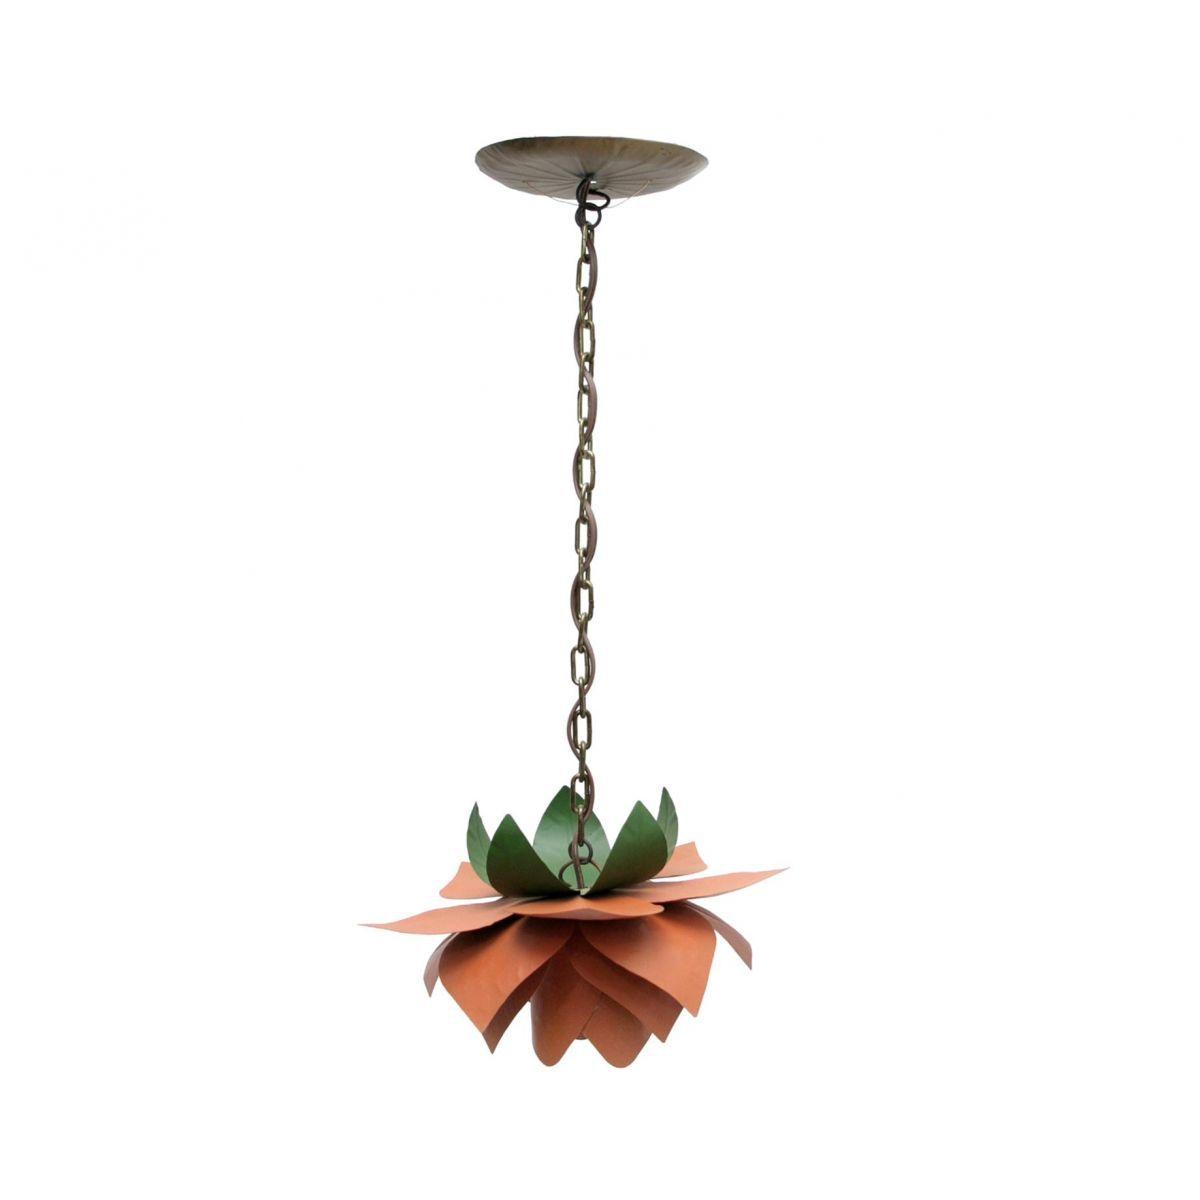 Luminaria de Flor Pendente Simples Para Varanda em Ferro Artesanal Rustico